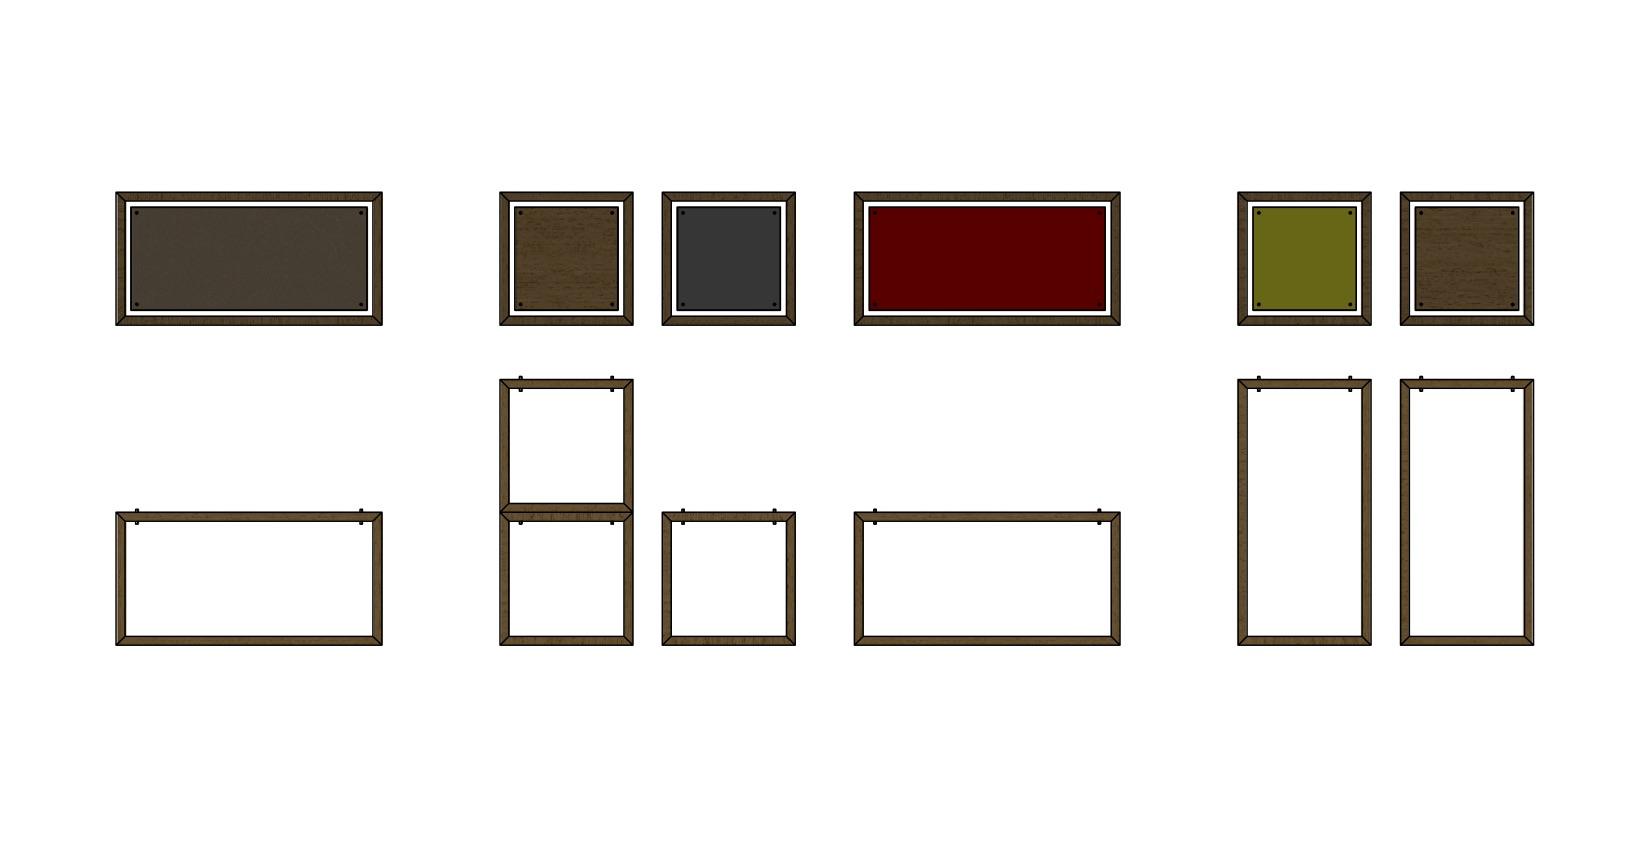 hjemmeside tegninger2.jpg